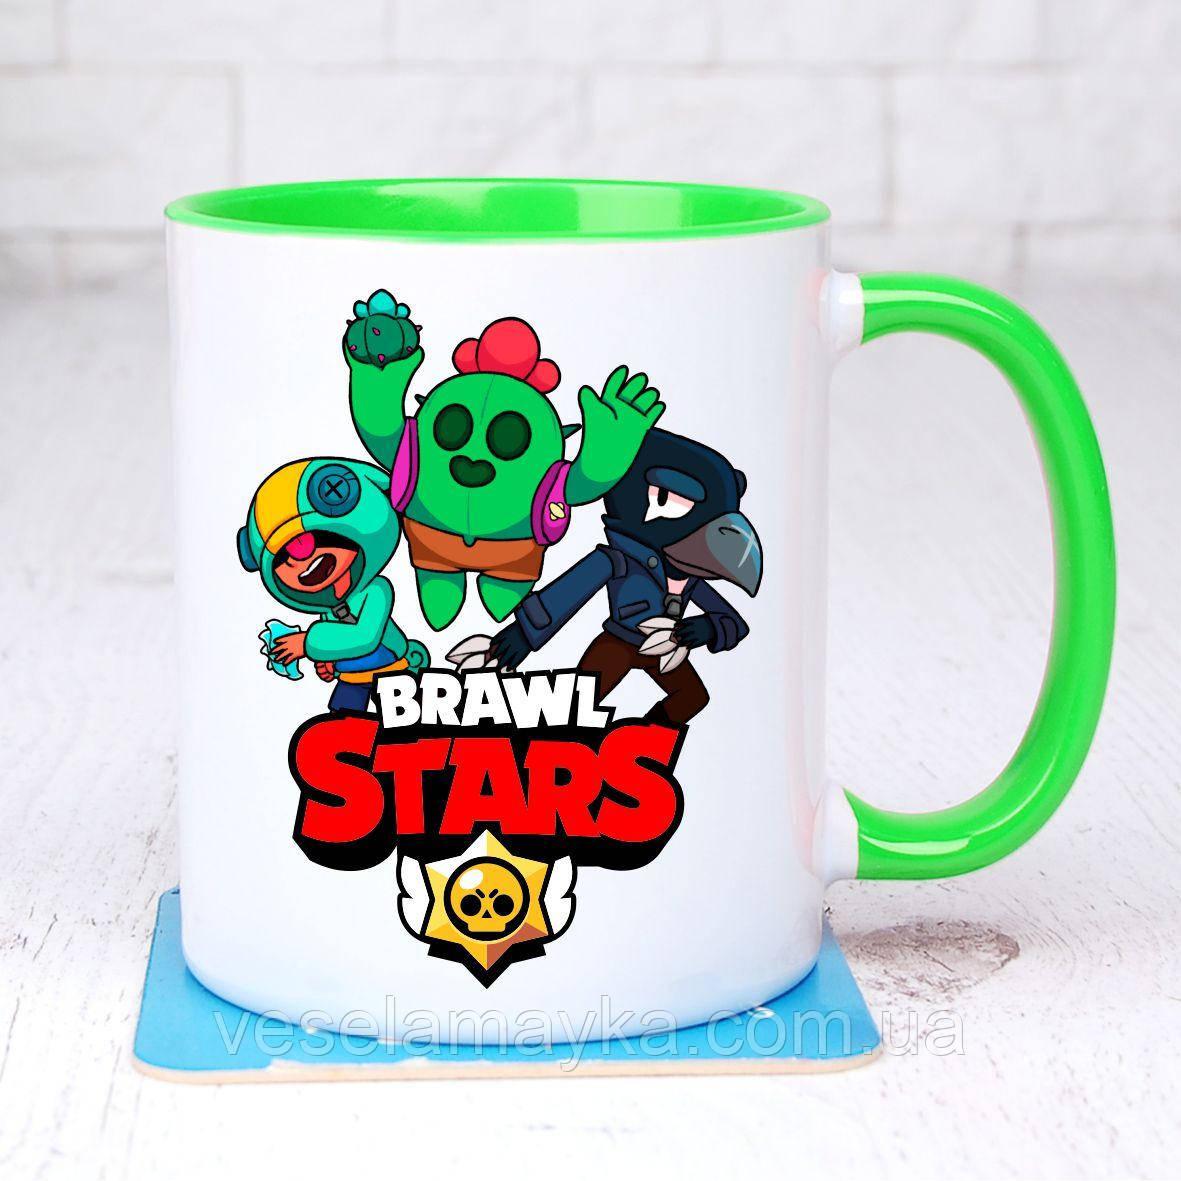 Чашка BS 11